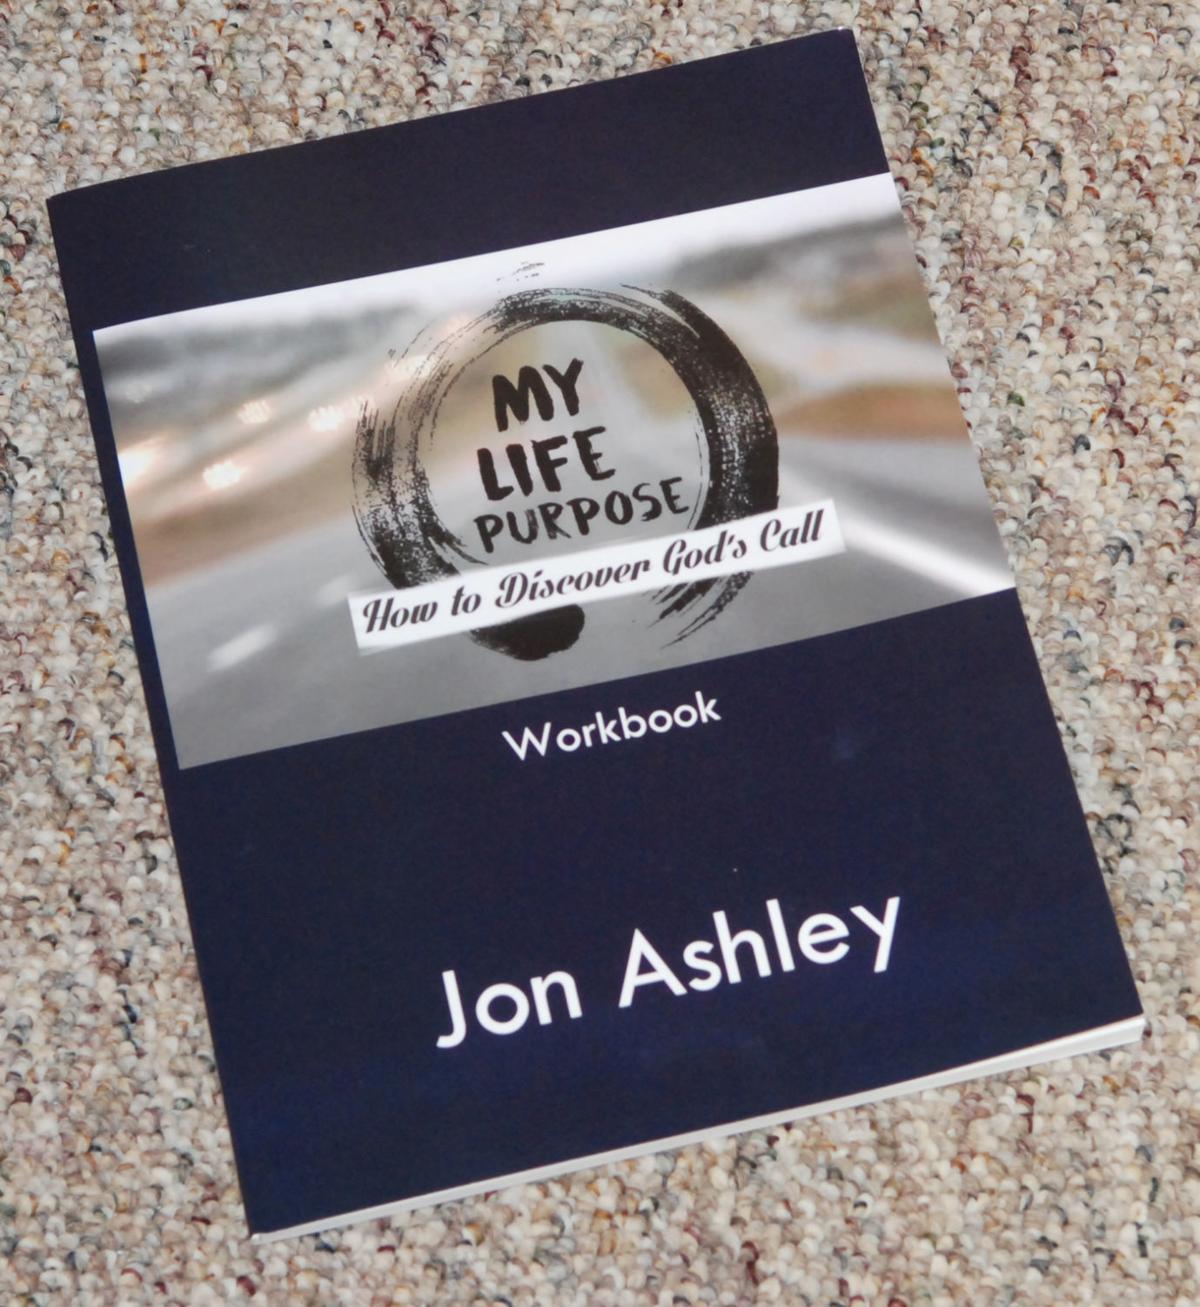 Pastors new workbook cover